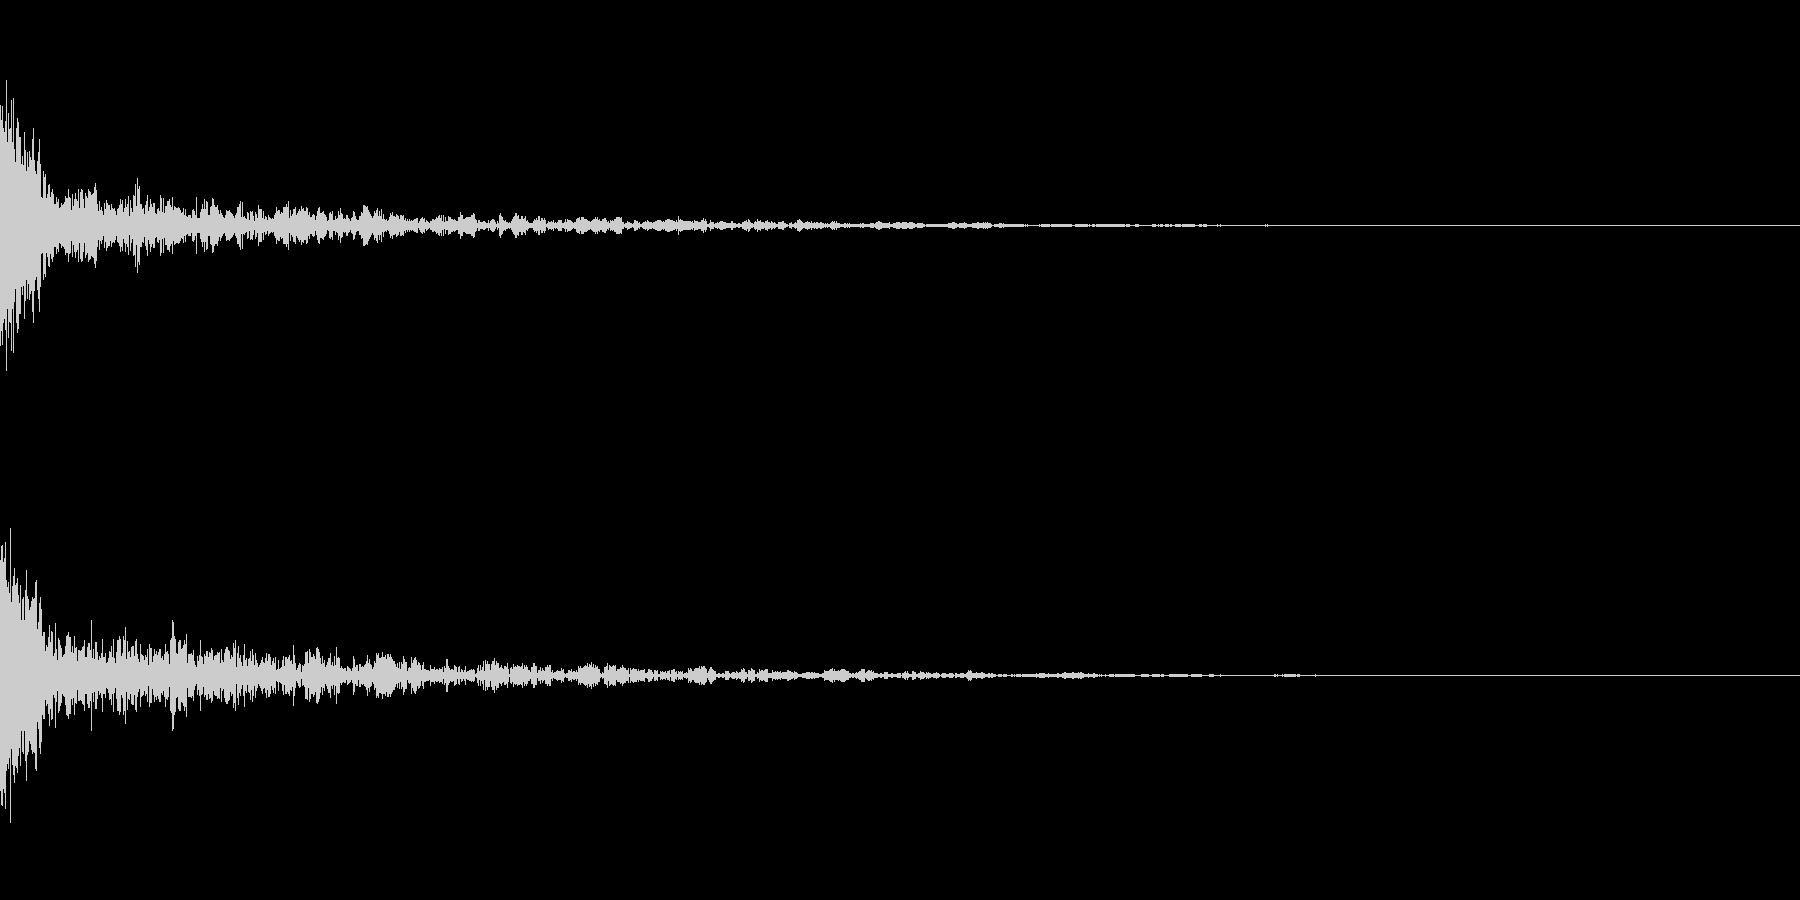 ドーン-43-1(インパクト音)の未再生の波形